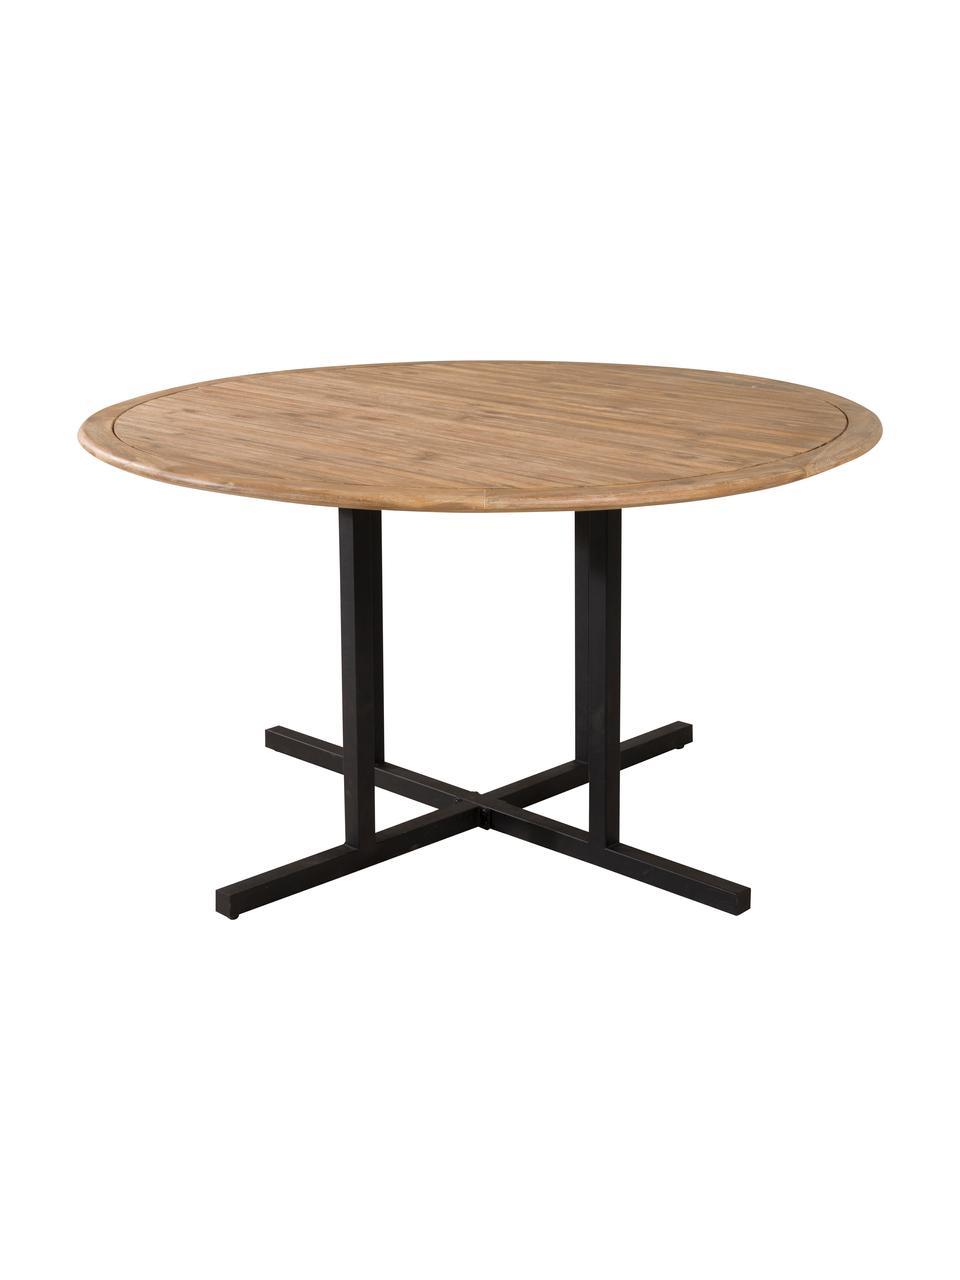 Stół ogrodowy z drewna Cruz, Blat: drewno akacjowe, Stelaż: metal powlekany, Brązowy, czarny, Ø 140 cm